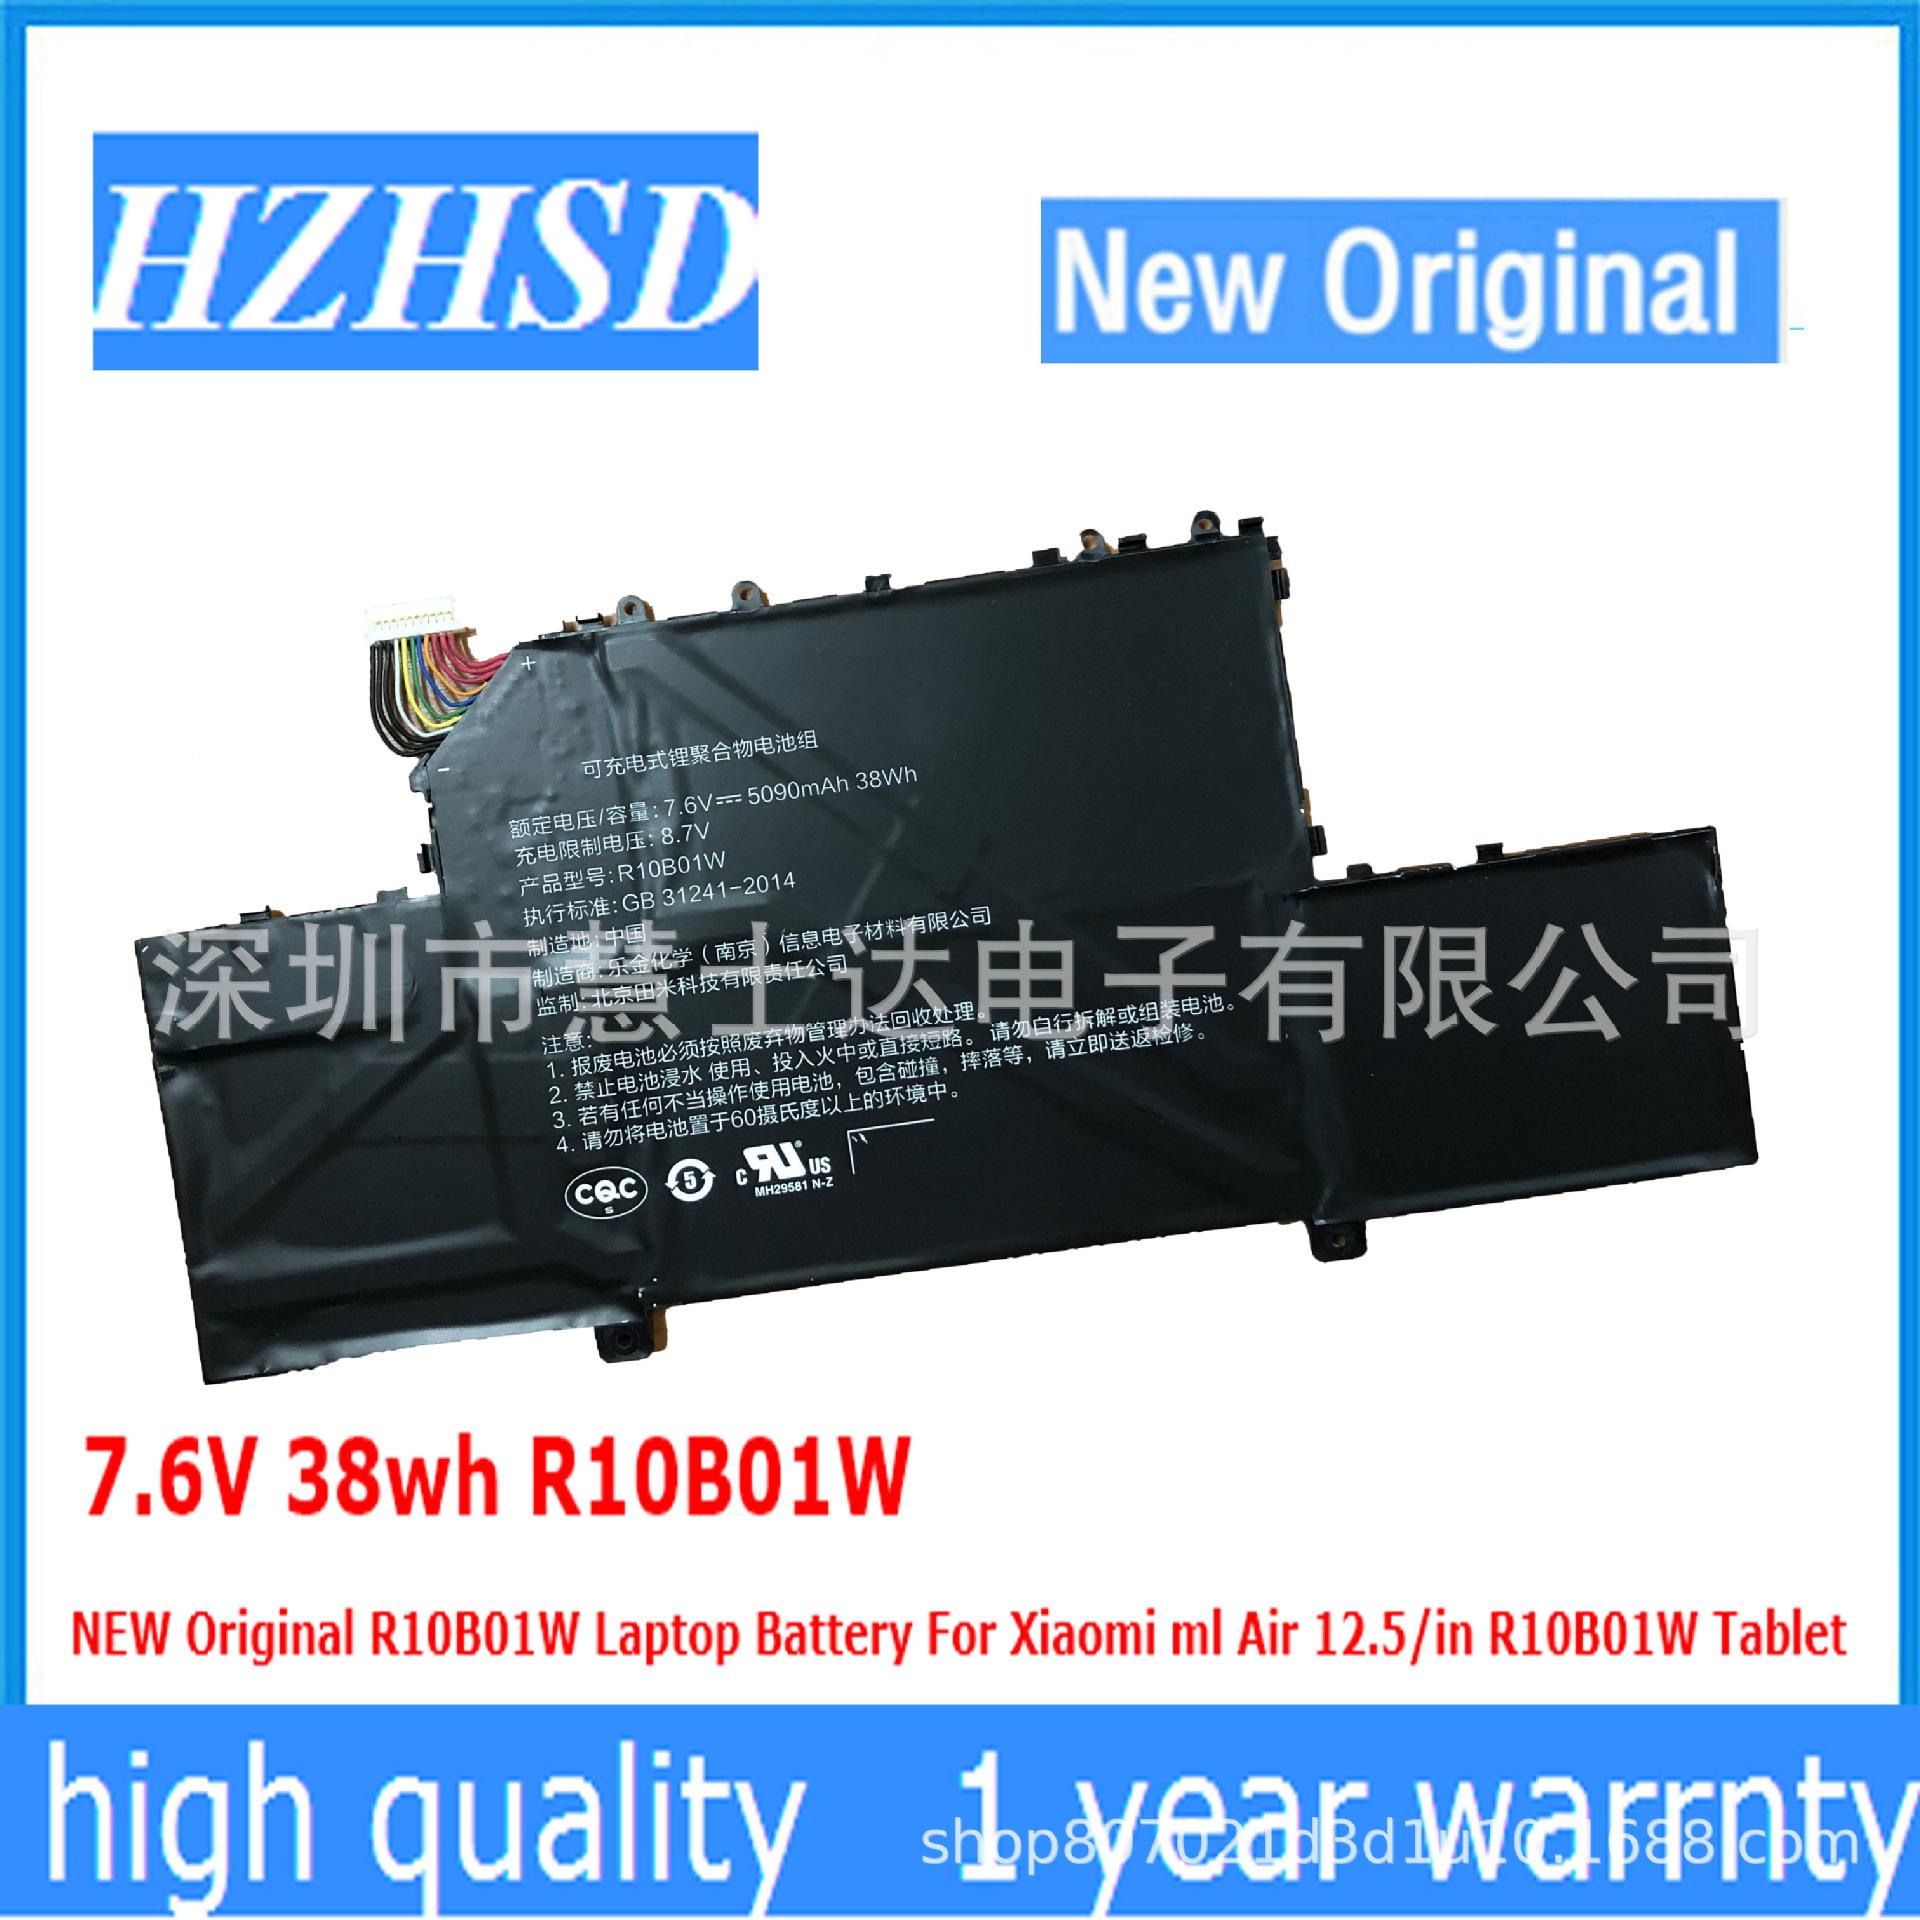 适用于小米笔记本Air 12.5英寸R10B01W 161201-01笔记本电池